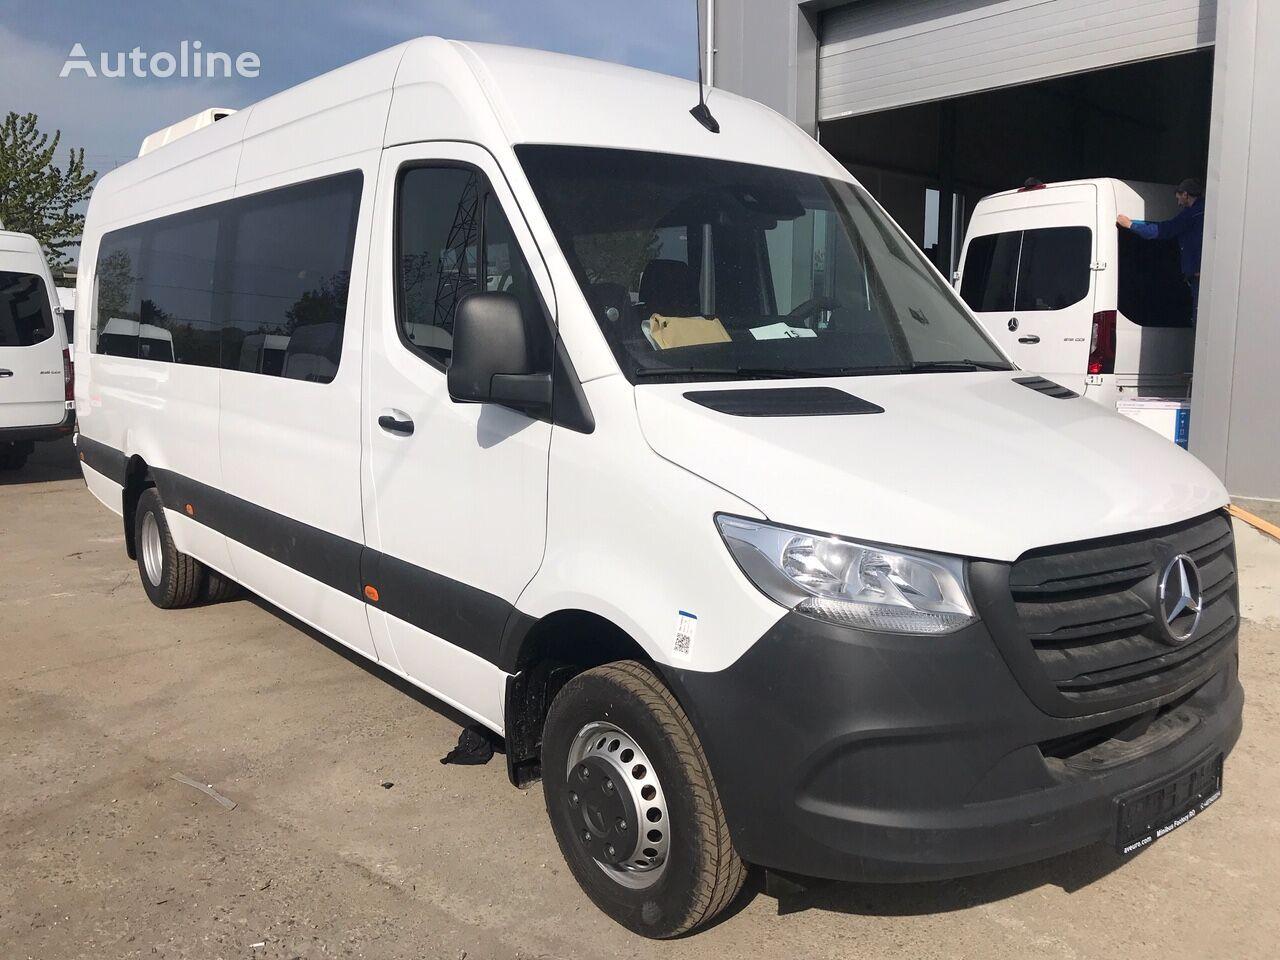 jauns MERCEDES-BENZ Sprinter 516 mikroautobuss pasažieru